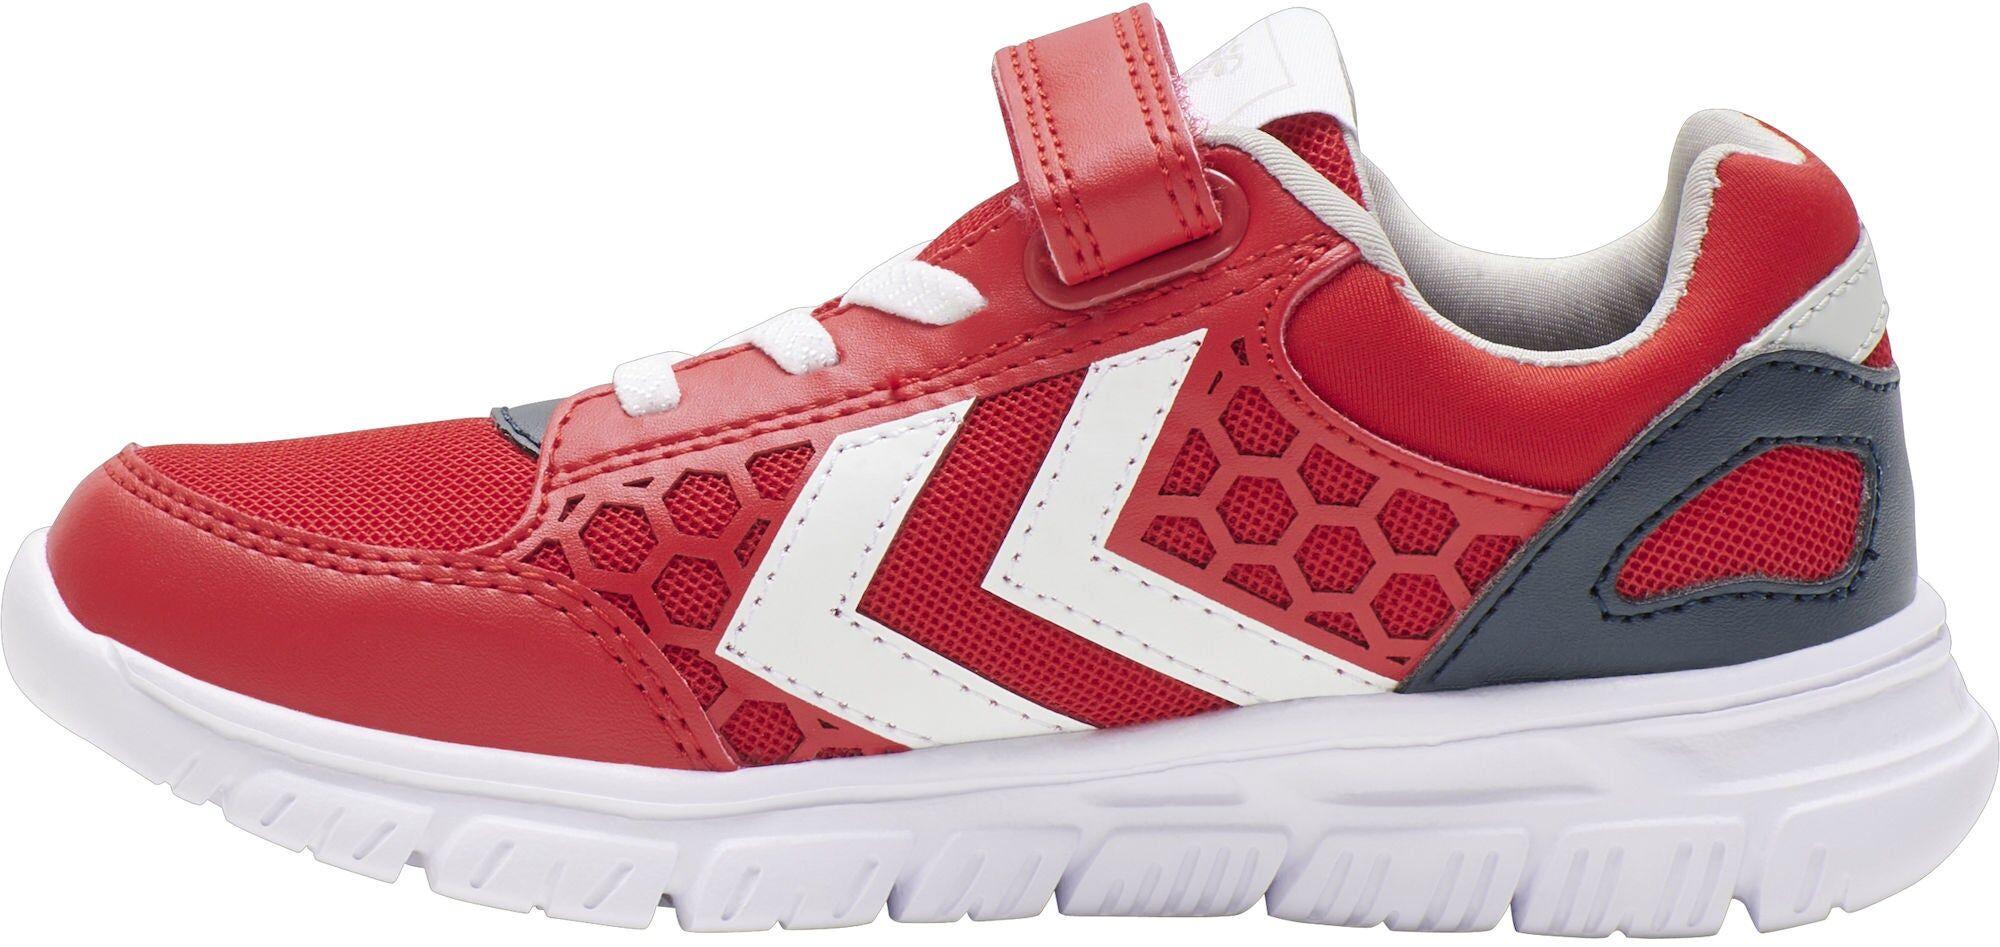 Hummel Crosslite Jr Sneaker, High Risk Red, 29